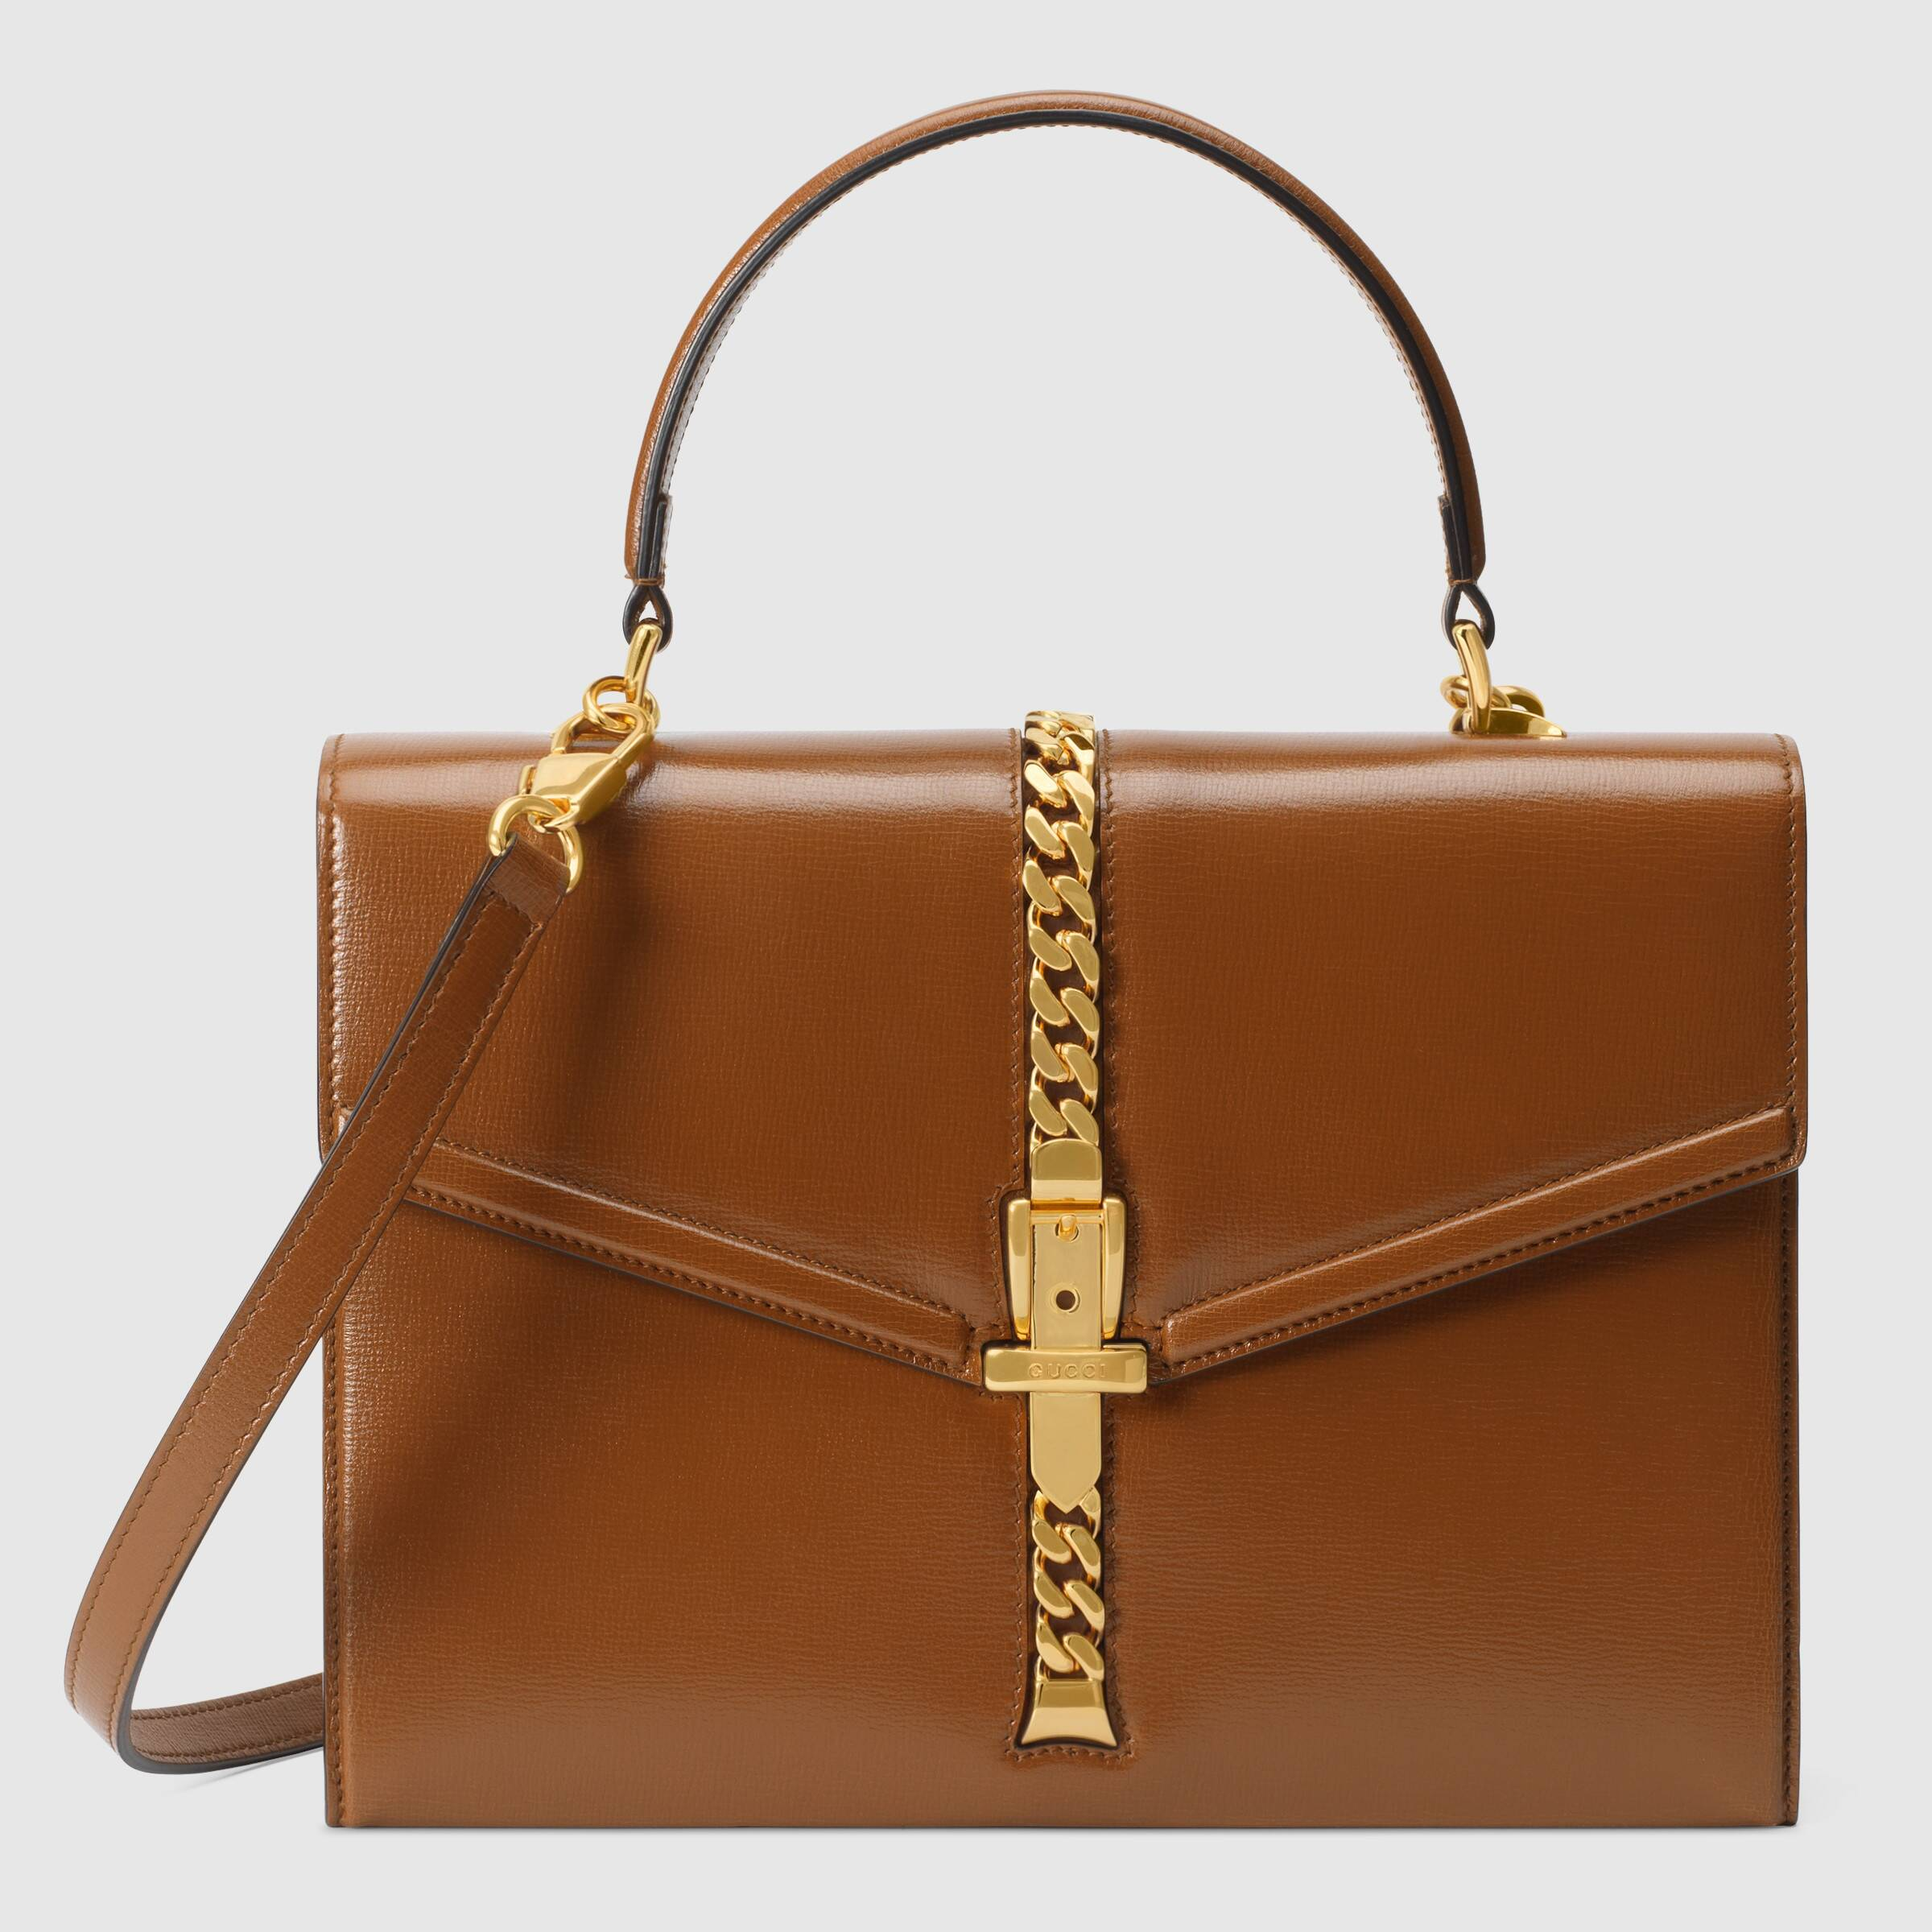 유럽직배송 구찌 토트백 GUCCI Sylvie 1969 small top handle bag 6027811DB0G2535